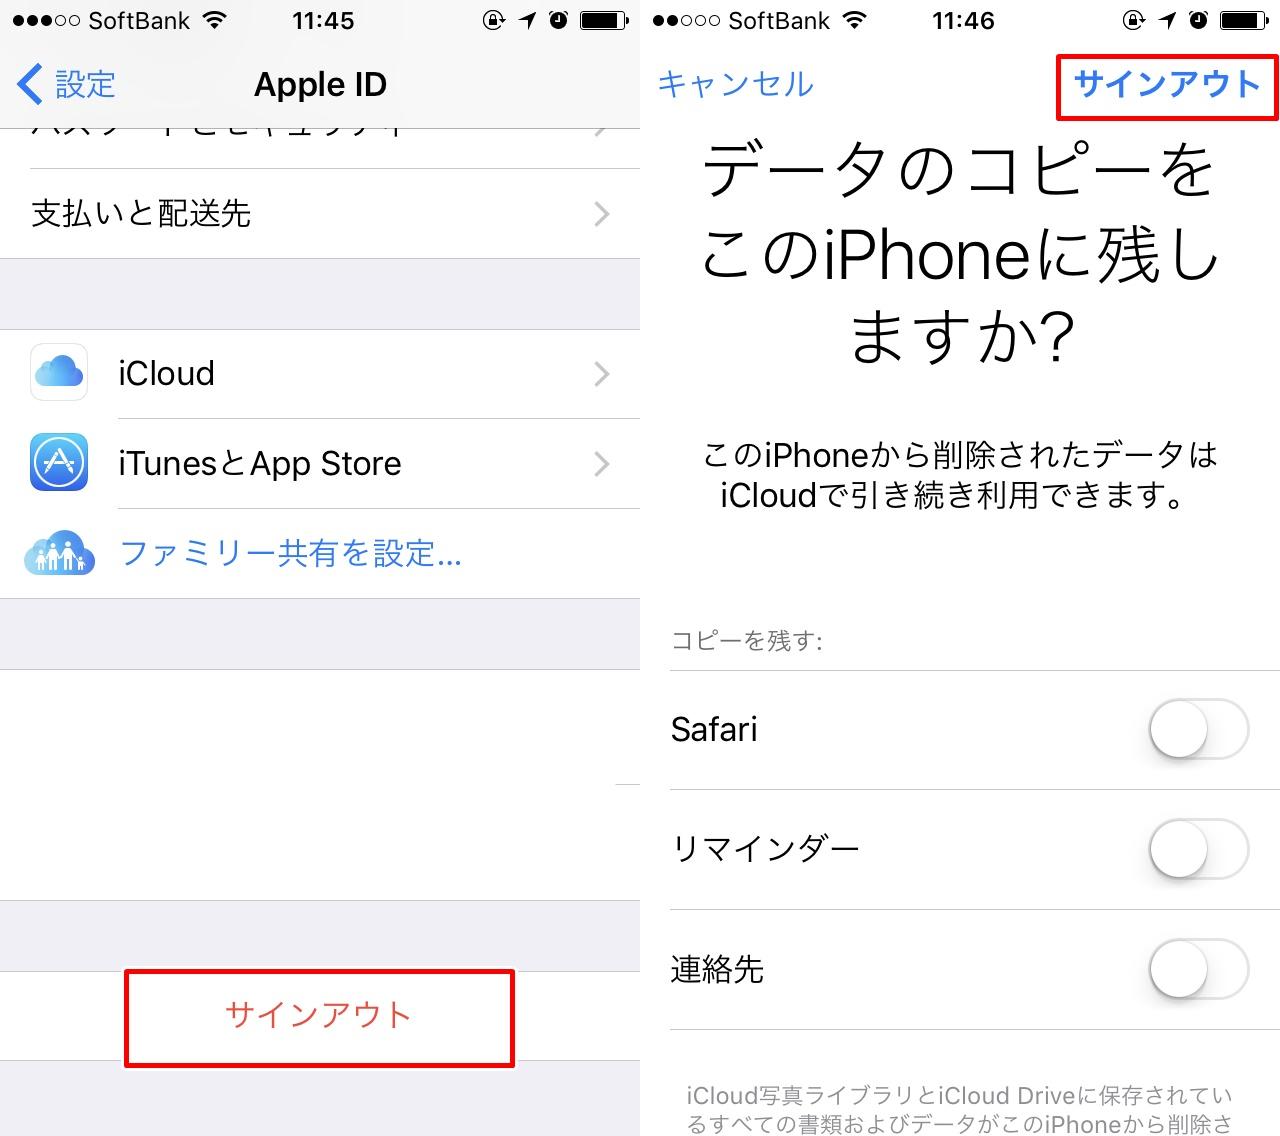 仕方 iphone の 初期 化